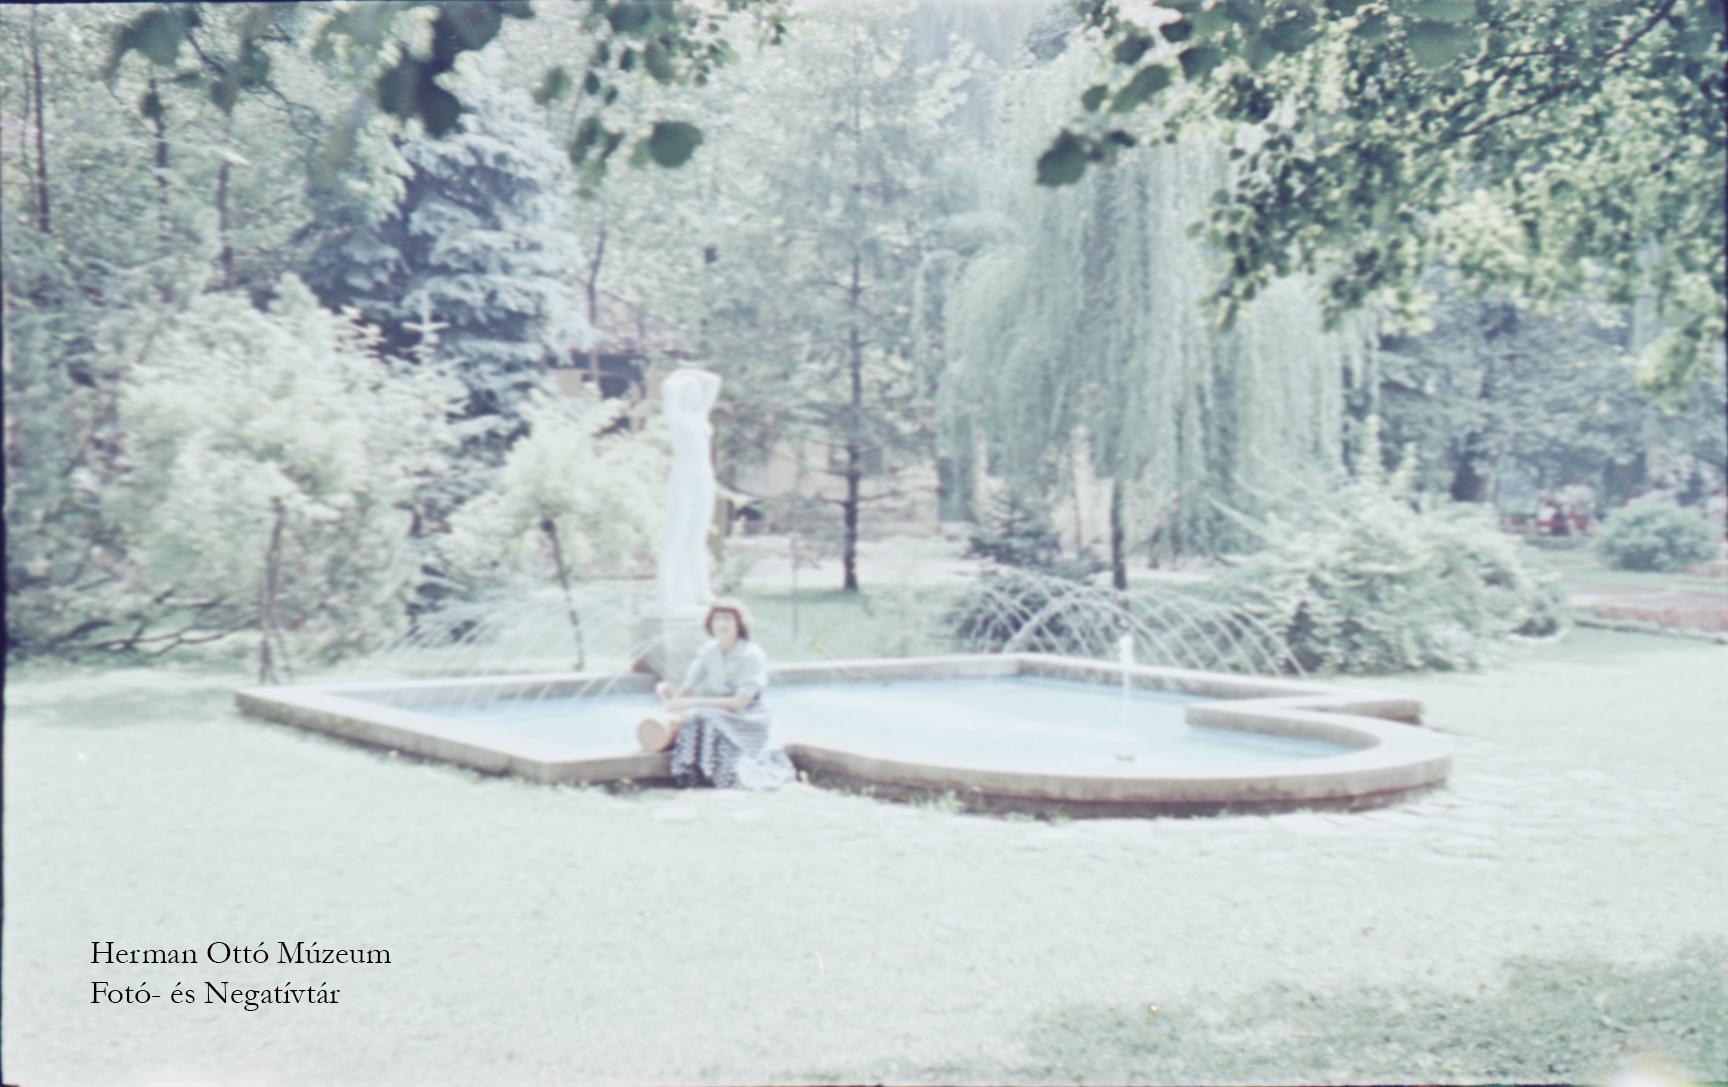 Herman Ottó Múzeum Fotó- és Negatívtára. Tapolcai részlet. Bodgál Ferenc, 1958. szeptember. Leltári szám: HOM_FN_5588